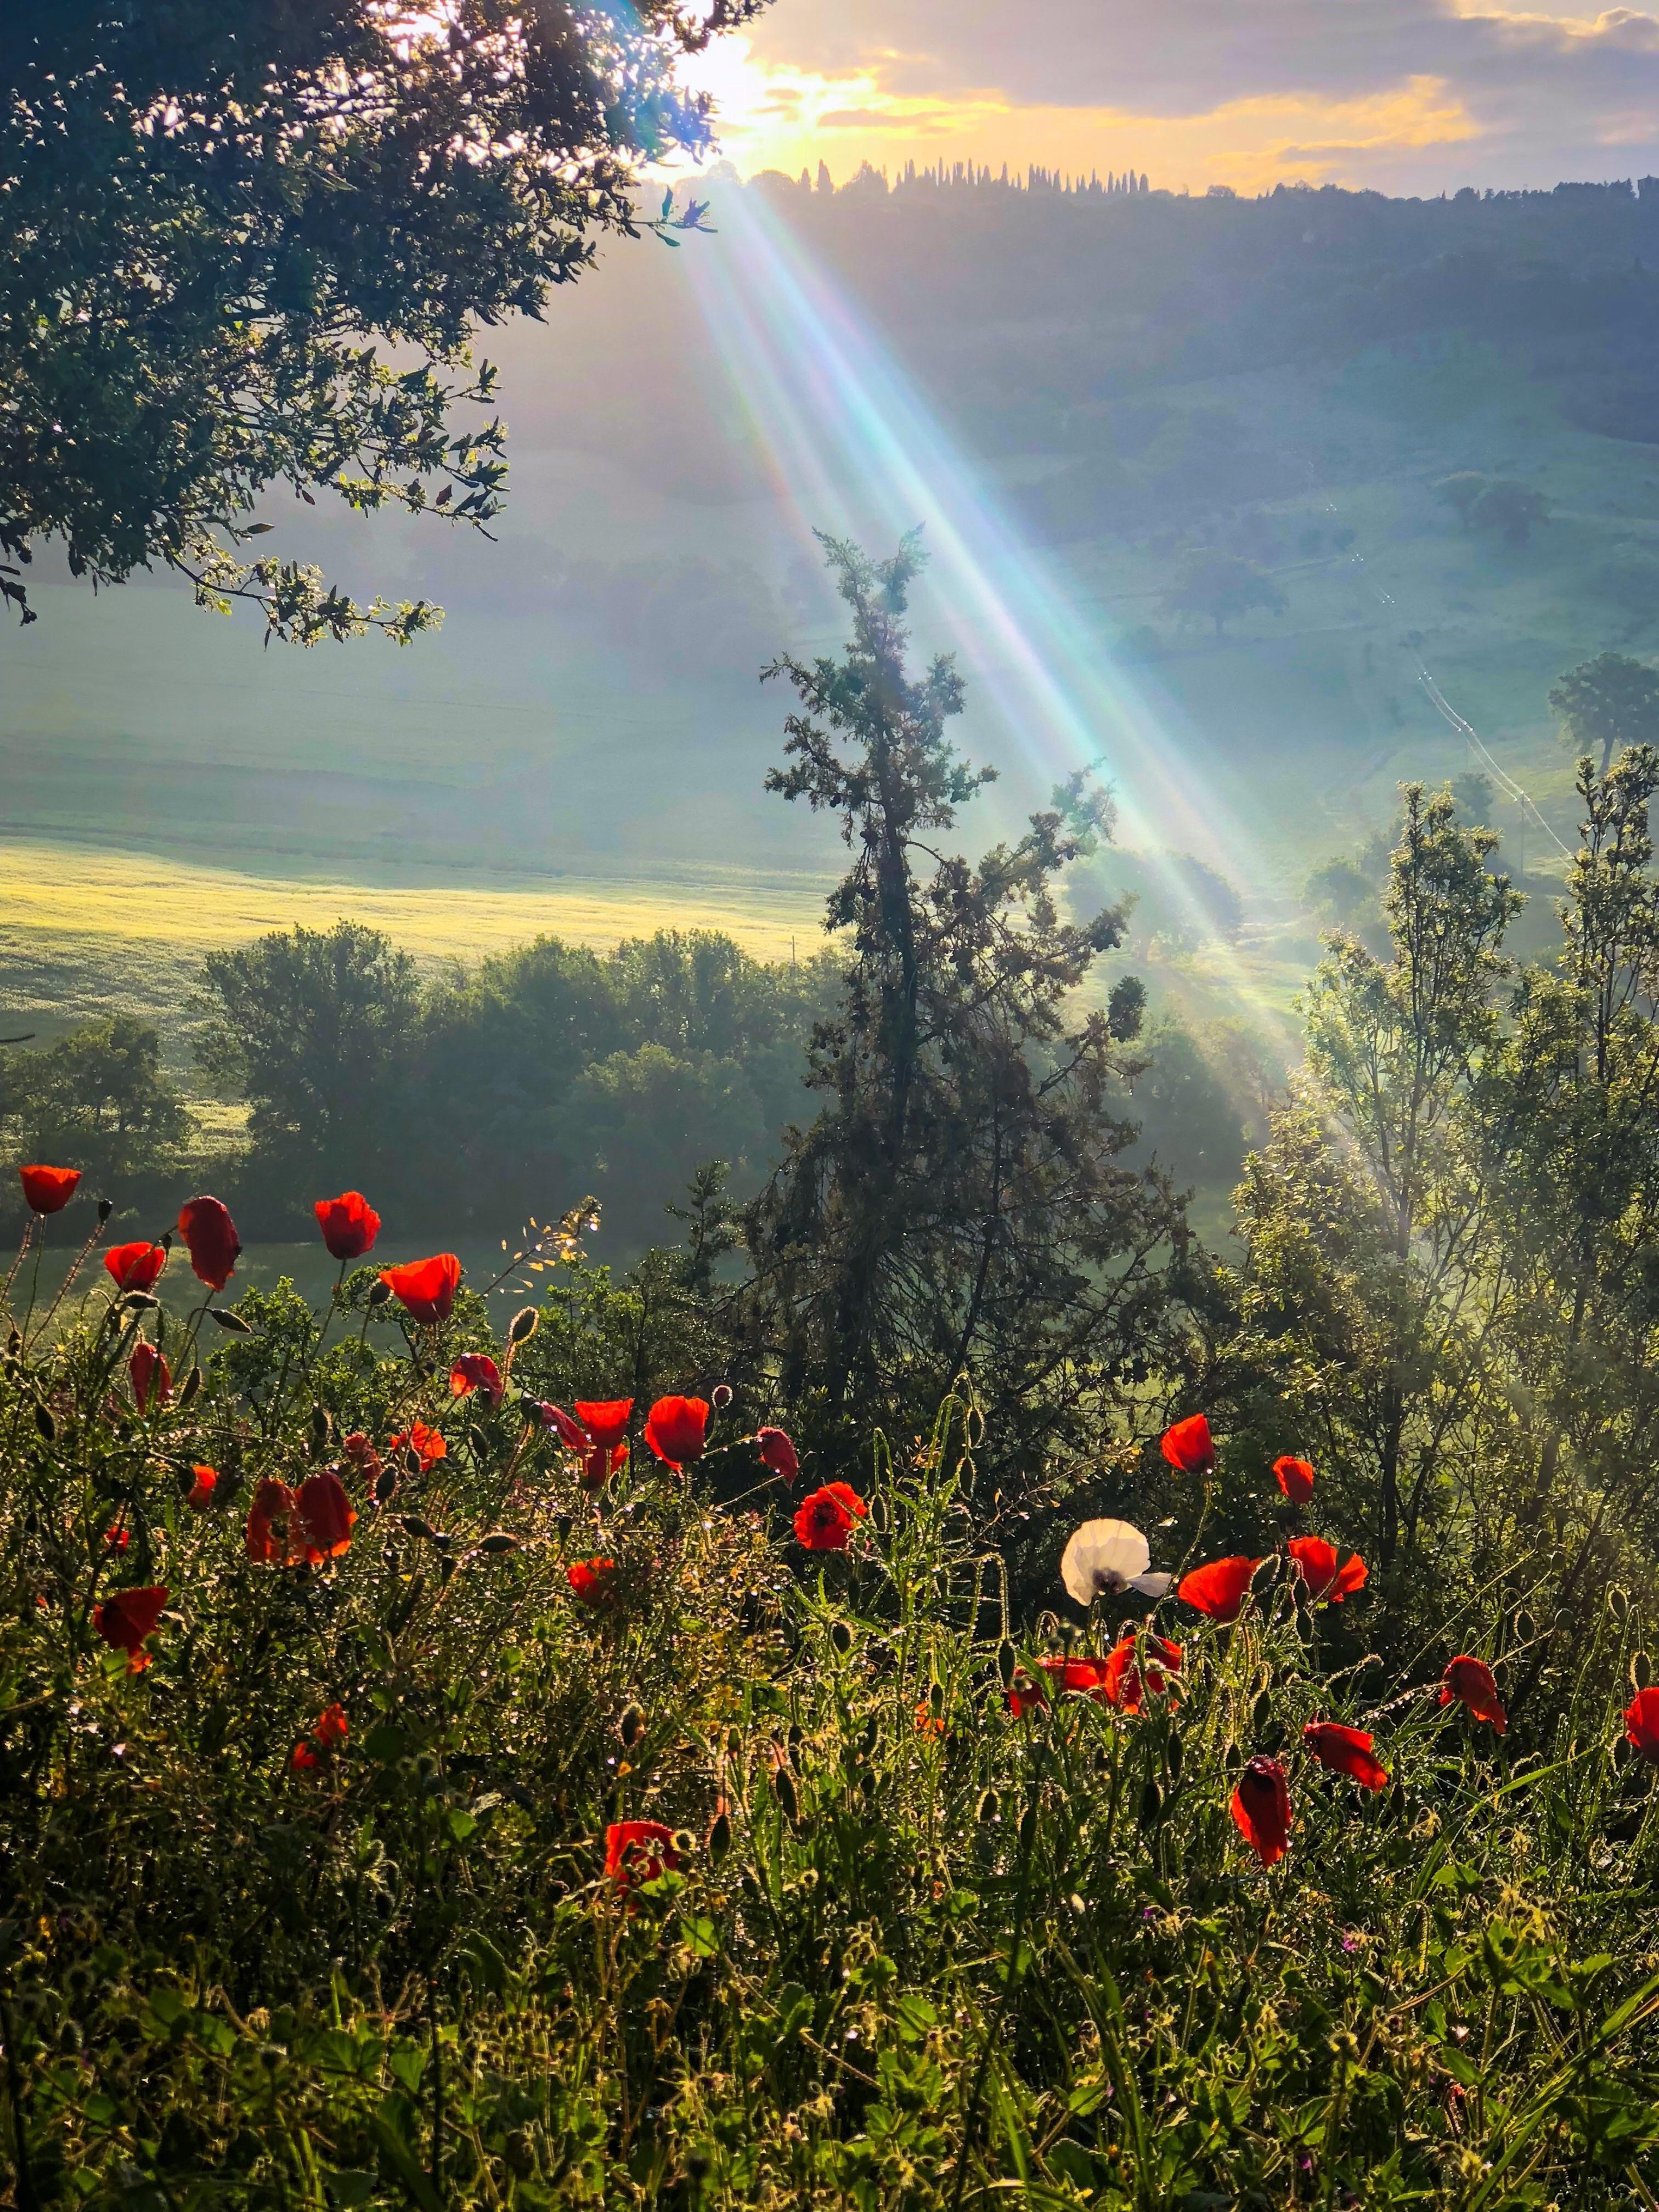 Картинки природы с солнцем